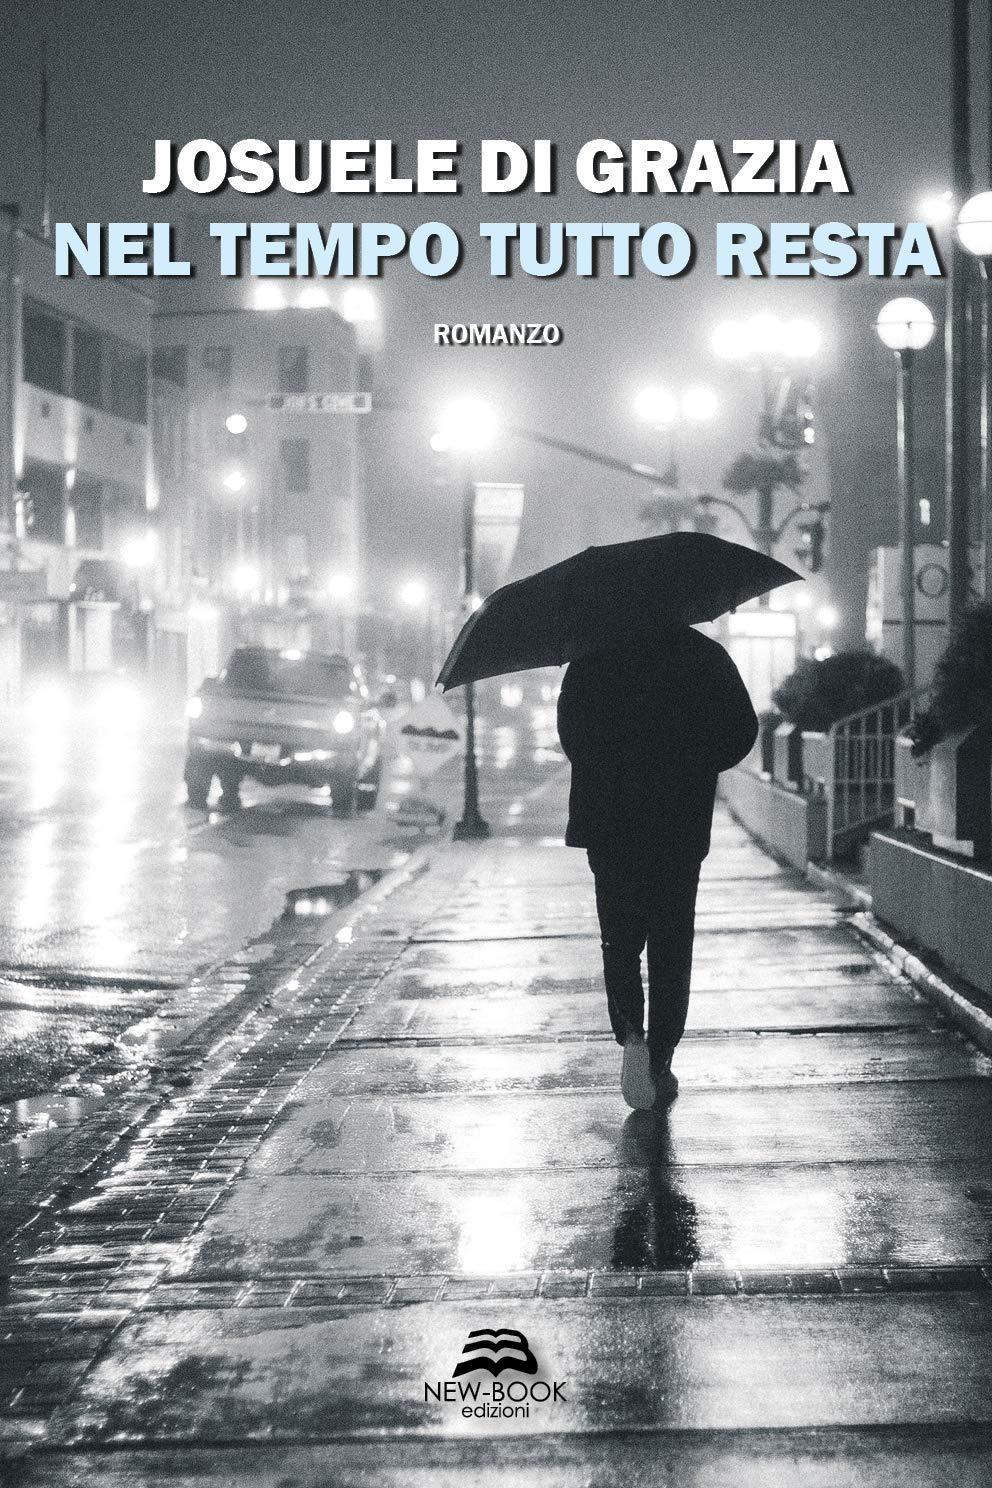 Amazon.it: Nel tempo tutto resta - Di Grazia, Josuele - Libri